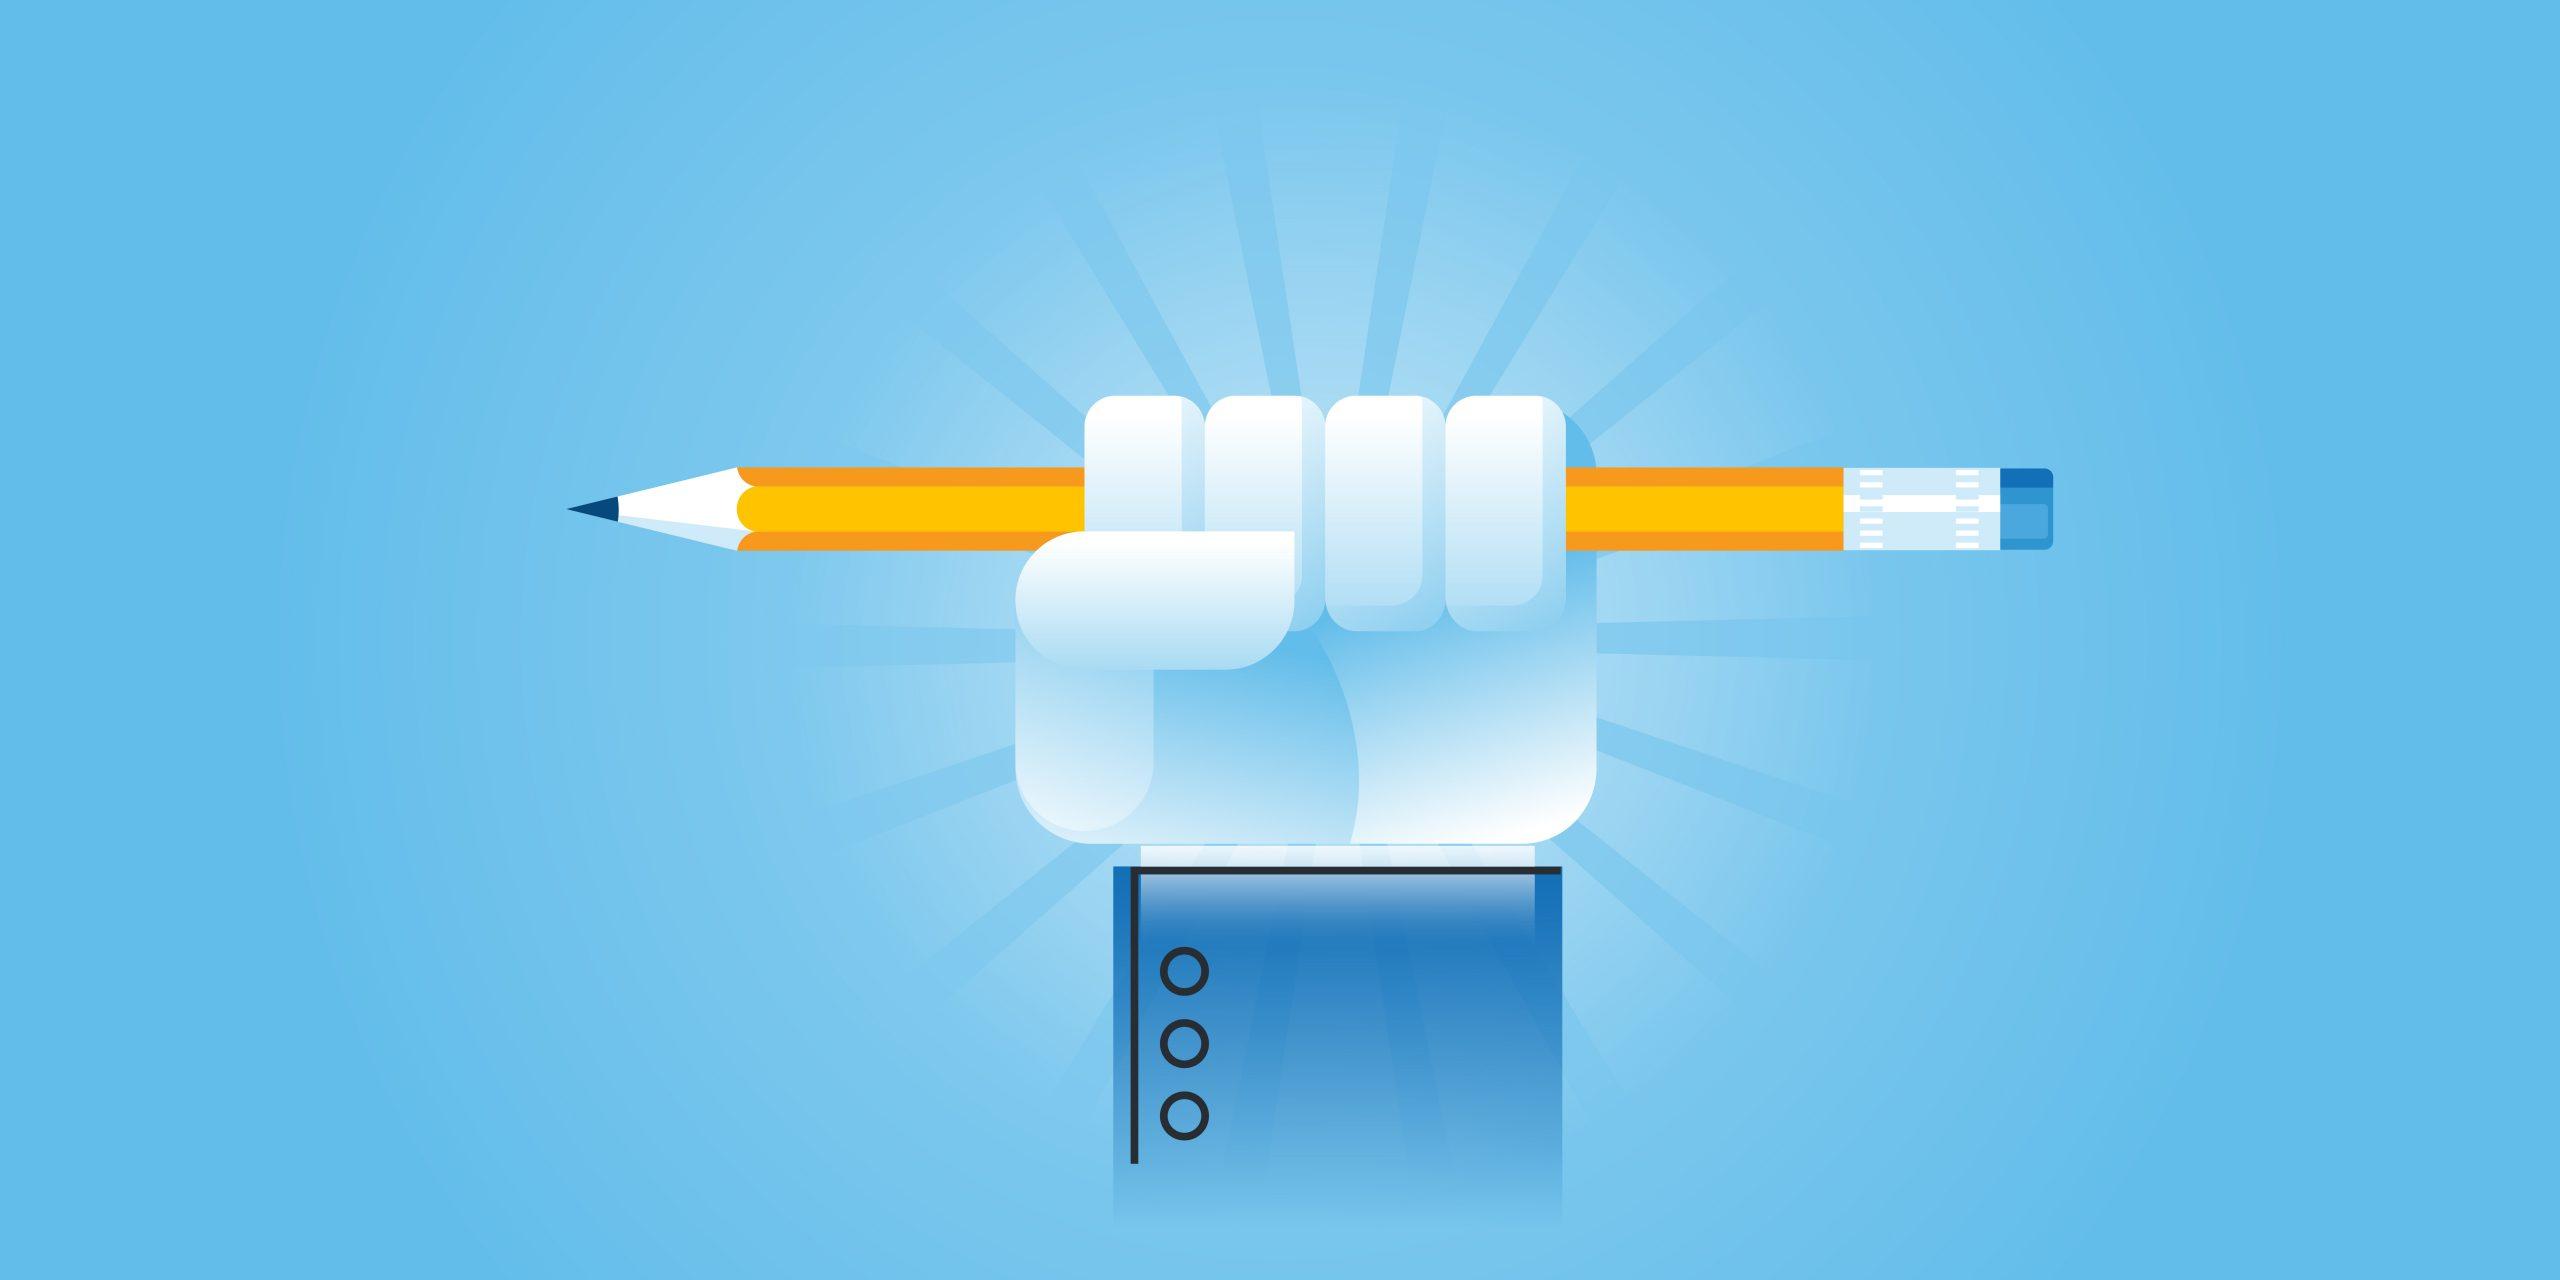 100 bons conseils pour écrire un mailing (Part. 4) 5